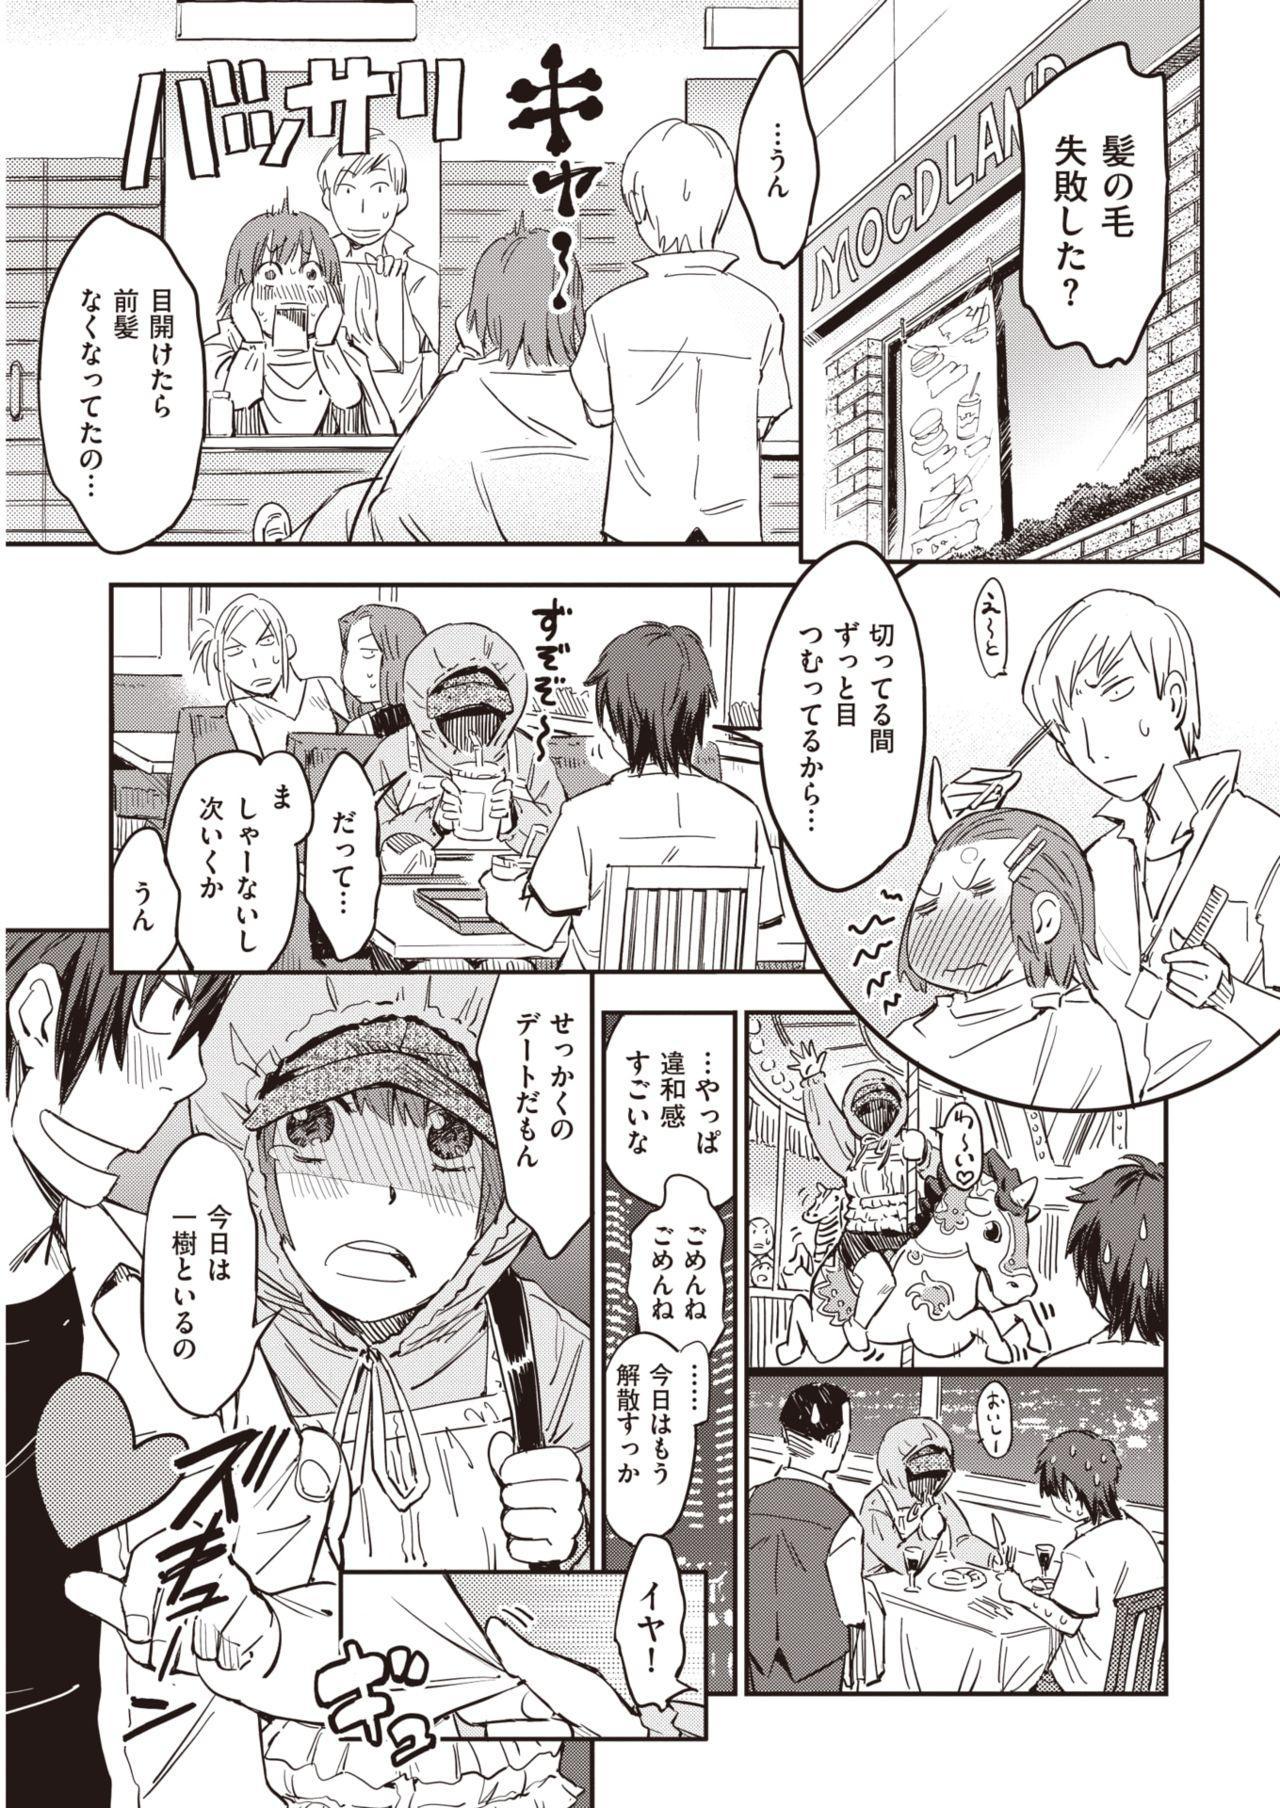 COMIC Kairakuten 25 Shuunen kinen tokubetsugou 167